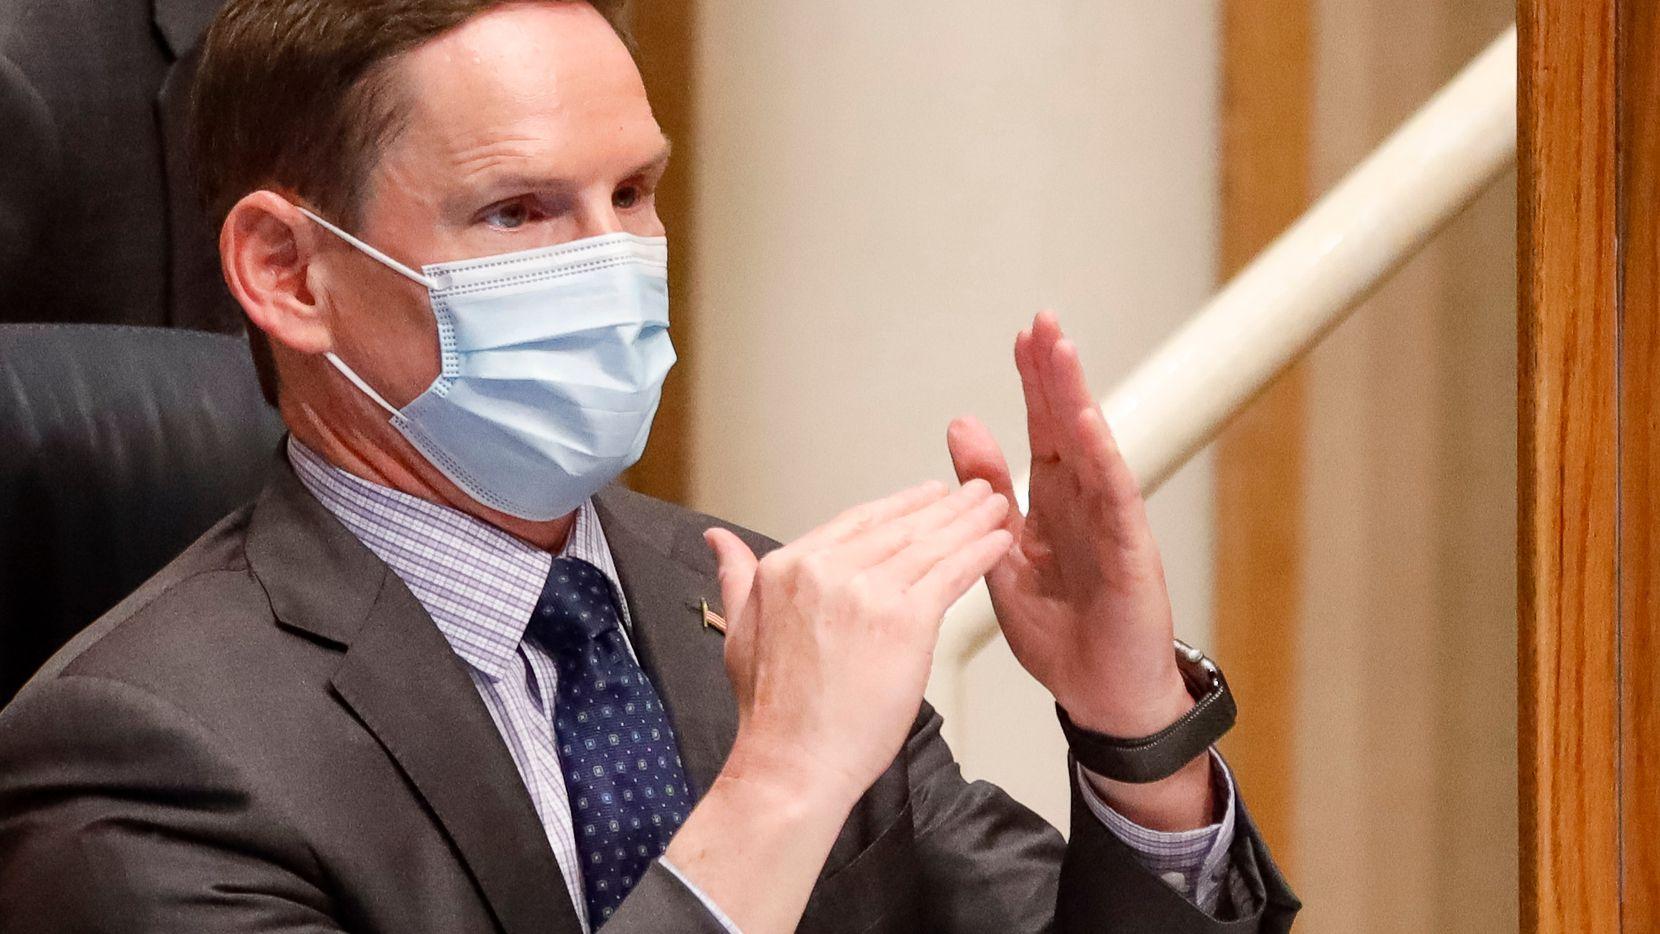 El juez Clay Jenkins, máxima autoridad del condado de Dallas, emitió una orden de emergencia para que el uso de mascarillas sea obligatorio nuevamente a partir del último minuto de este 11 de agosto y así evitar una mayor propagación de covid-19.